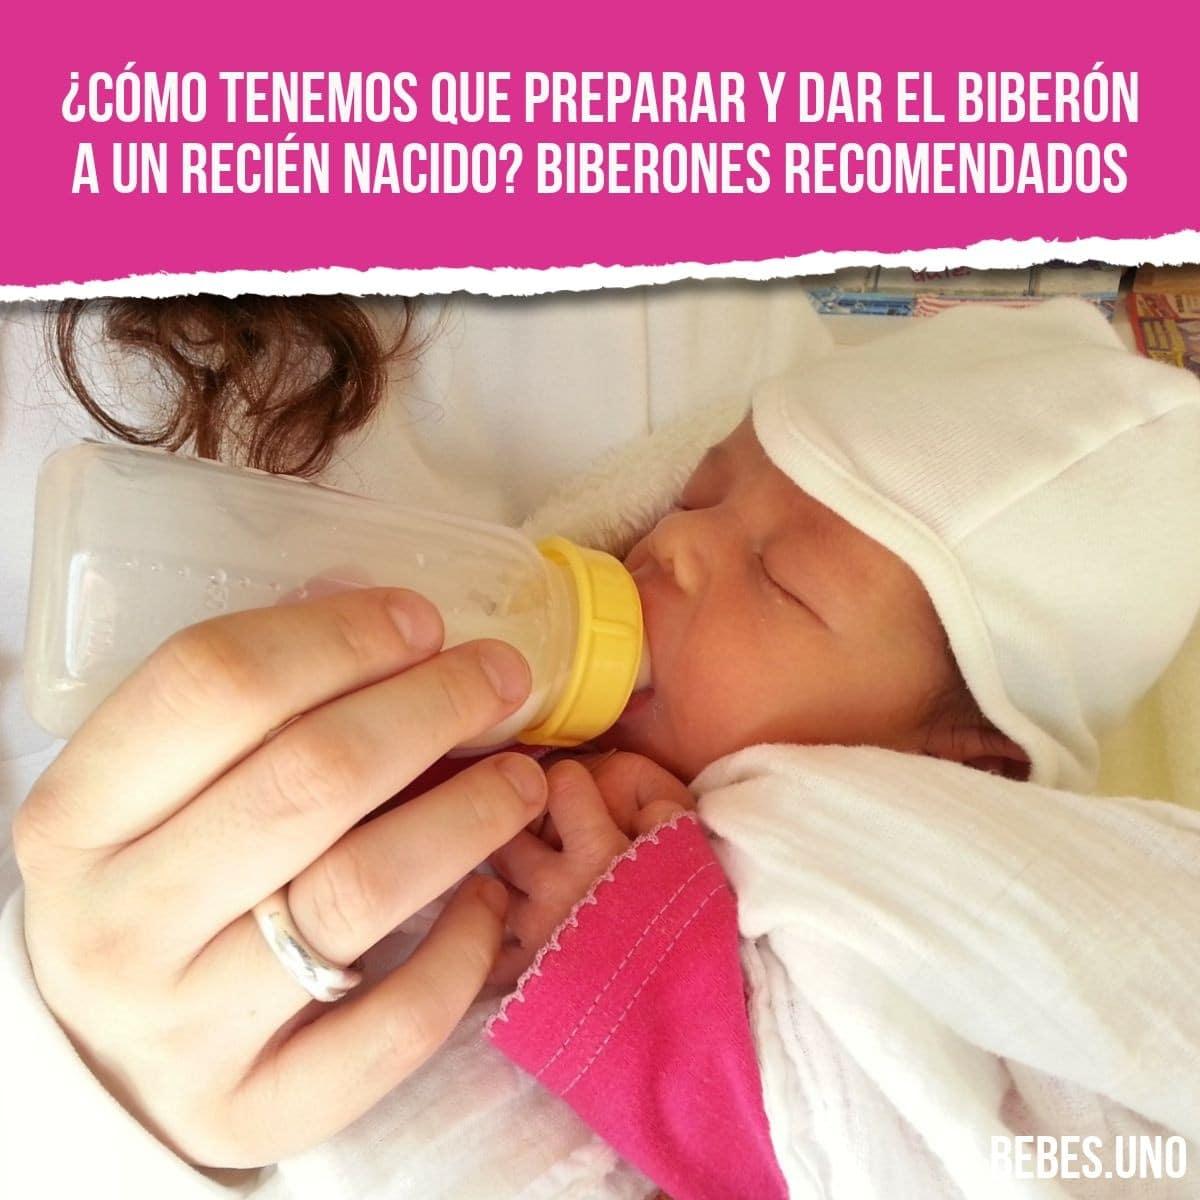 ¿Cómo tenemos que preparar y dar el biberón a un recién nacido? Biberones recomendados